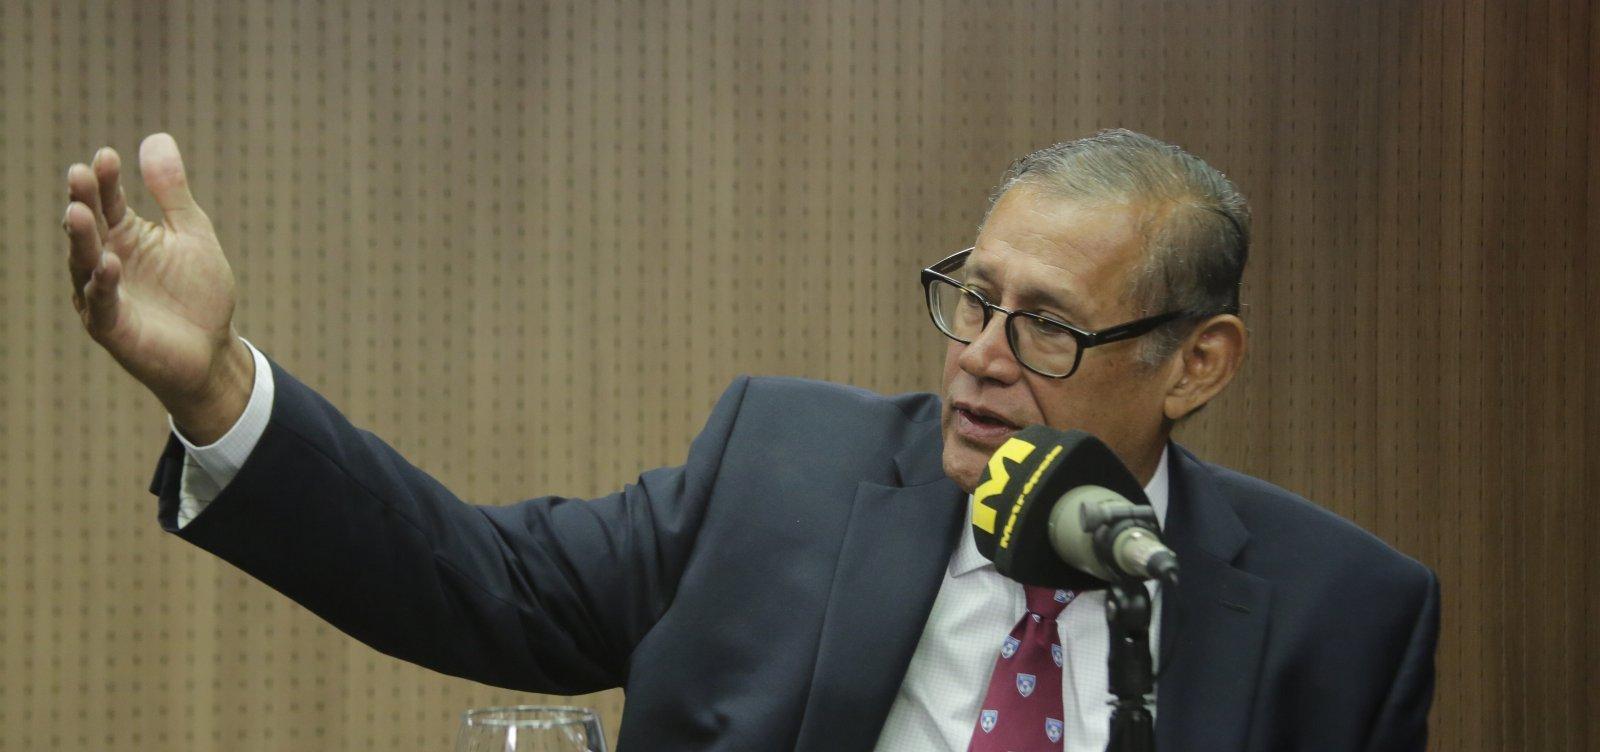 [Infectologista Roberto Badaró reforça necessidade de isolamento: 'Pico vai ocorrer nas próximas duas semanas']